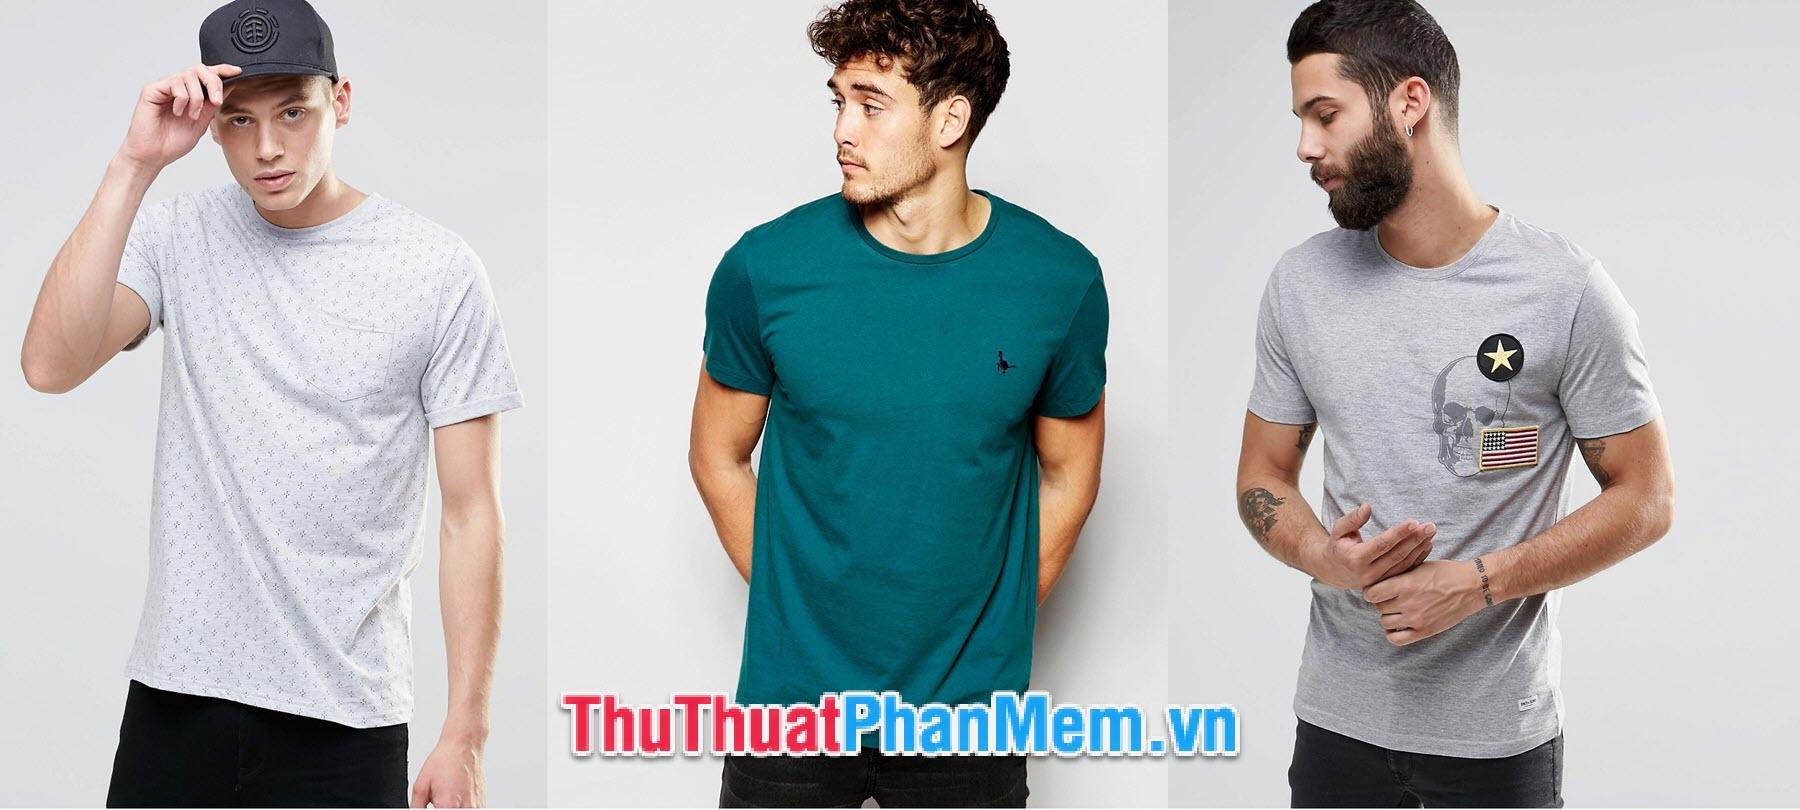 Chọn size áo nam dựa vào chiều cao và cân nặng người mặc